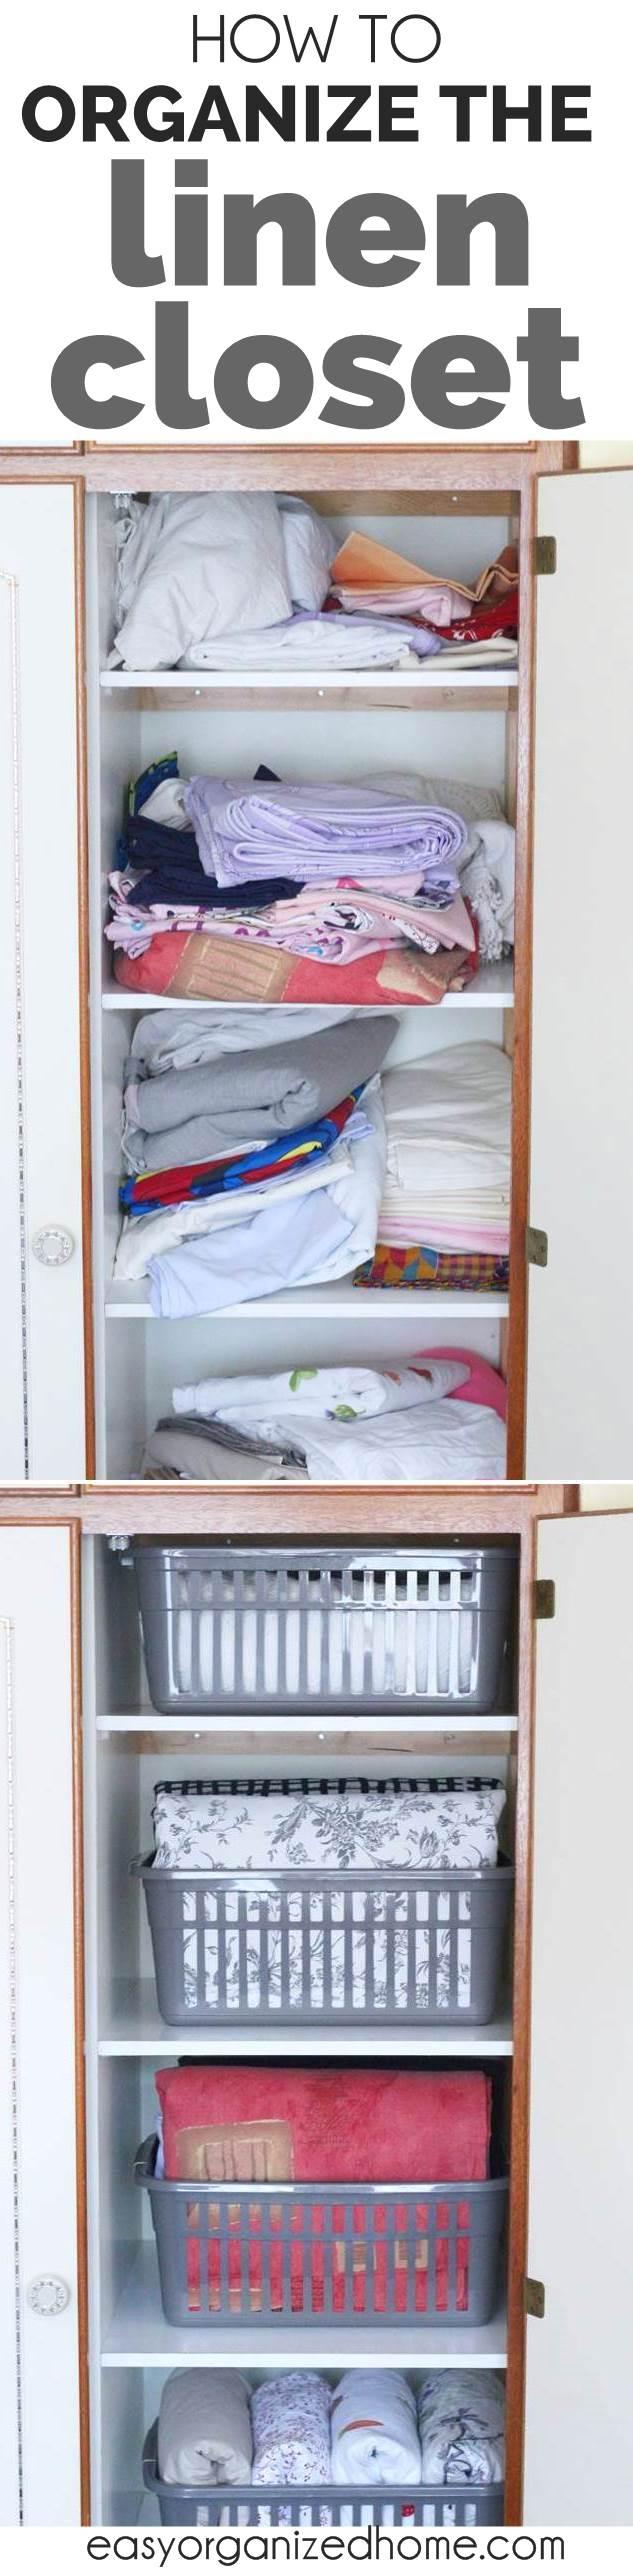 Linen Closet Organization How To Organize Your Linen